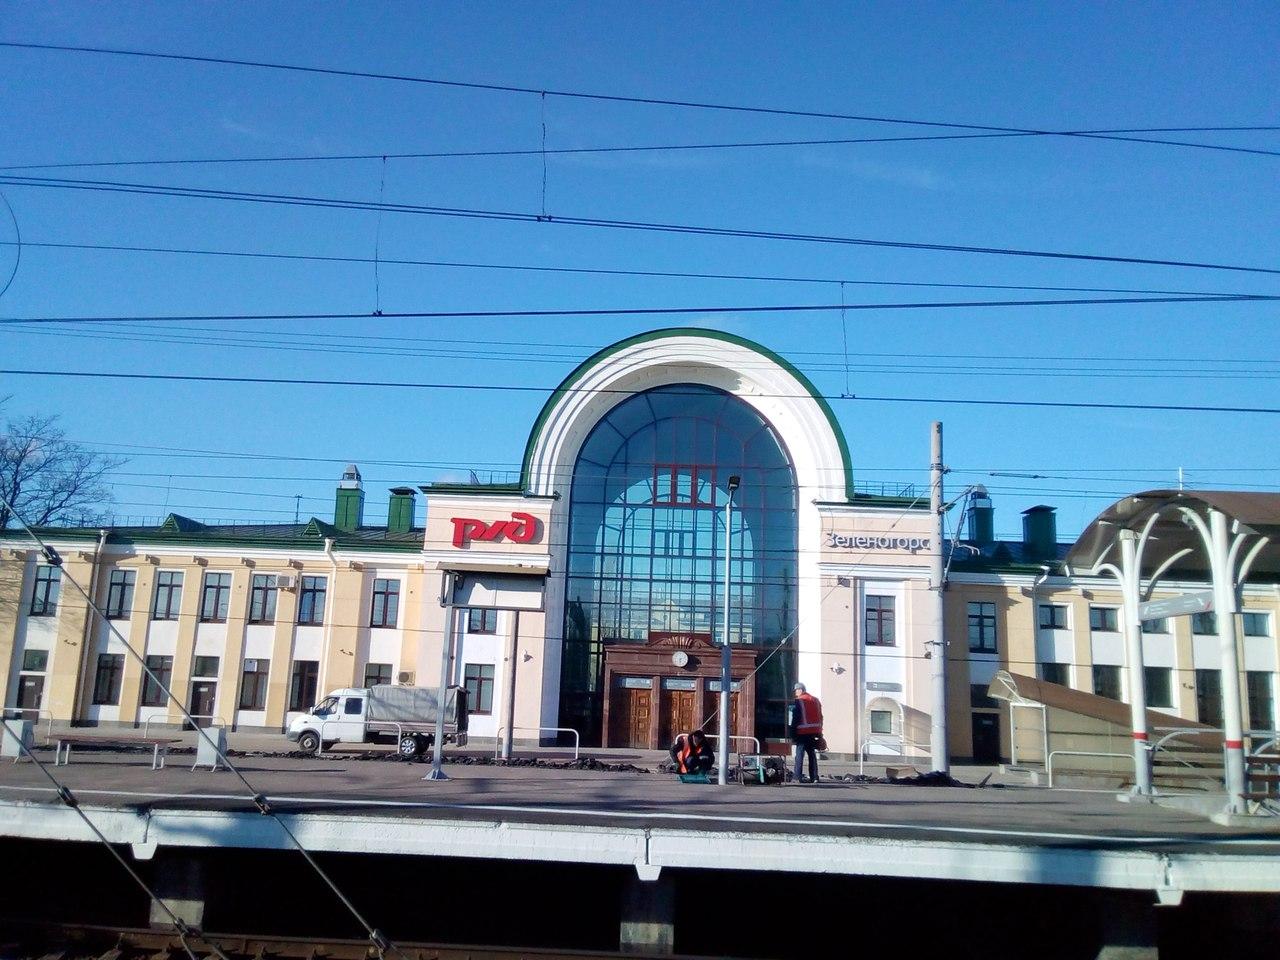 Зеленогорск - самый душевный пригород Петербурга! Прогулка в конце апреля.